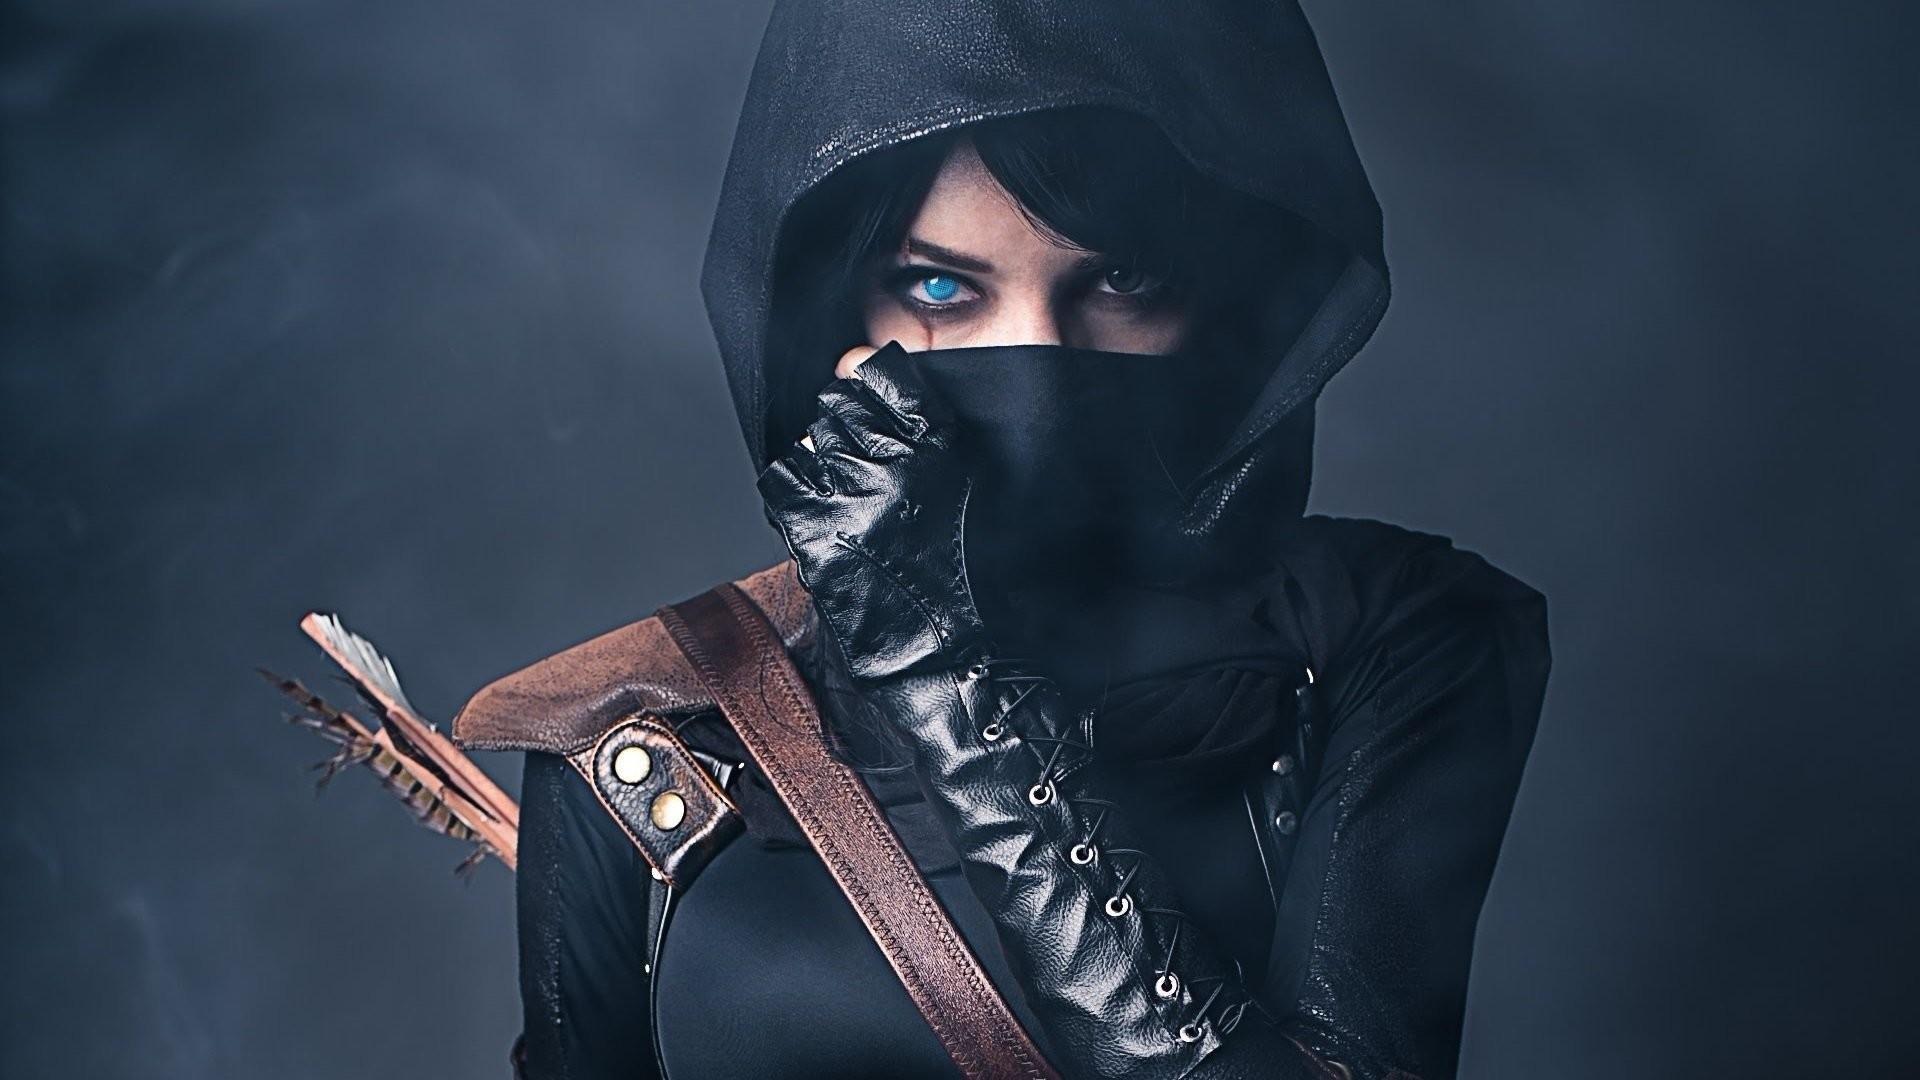 Gamer Girl Wallpaper (57+ images)